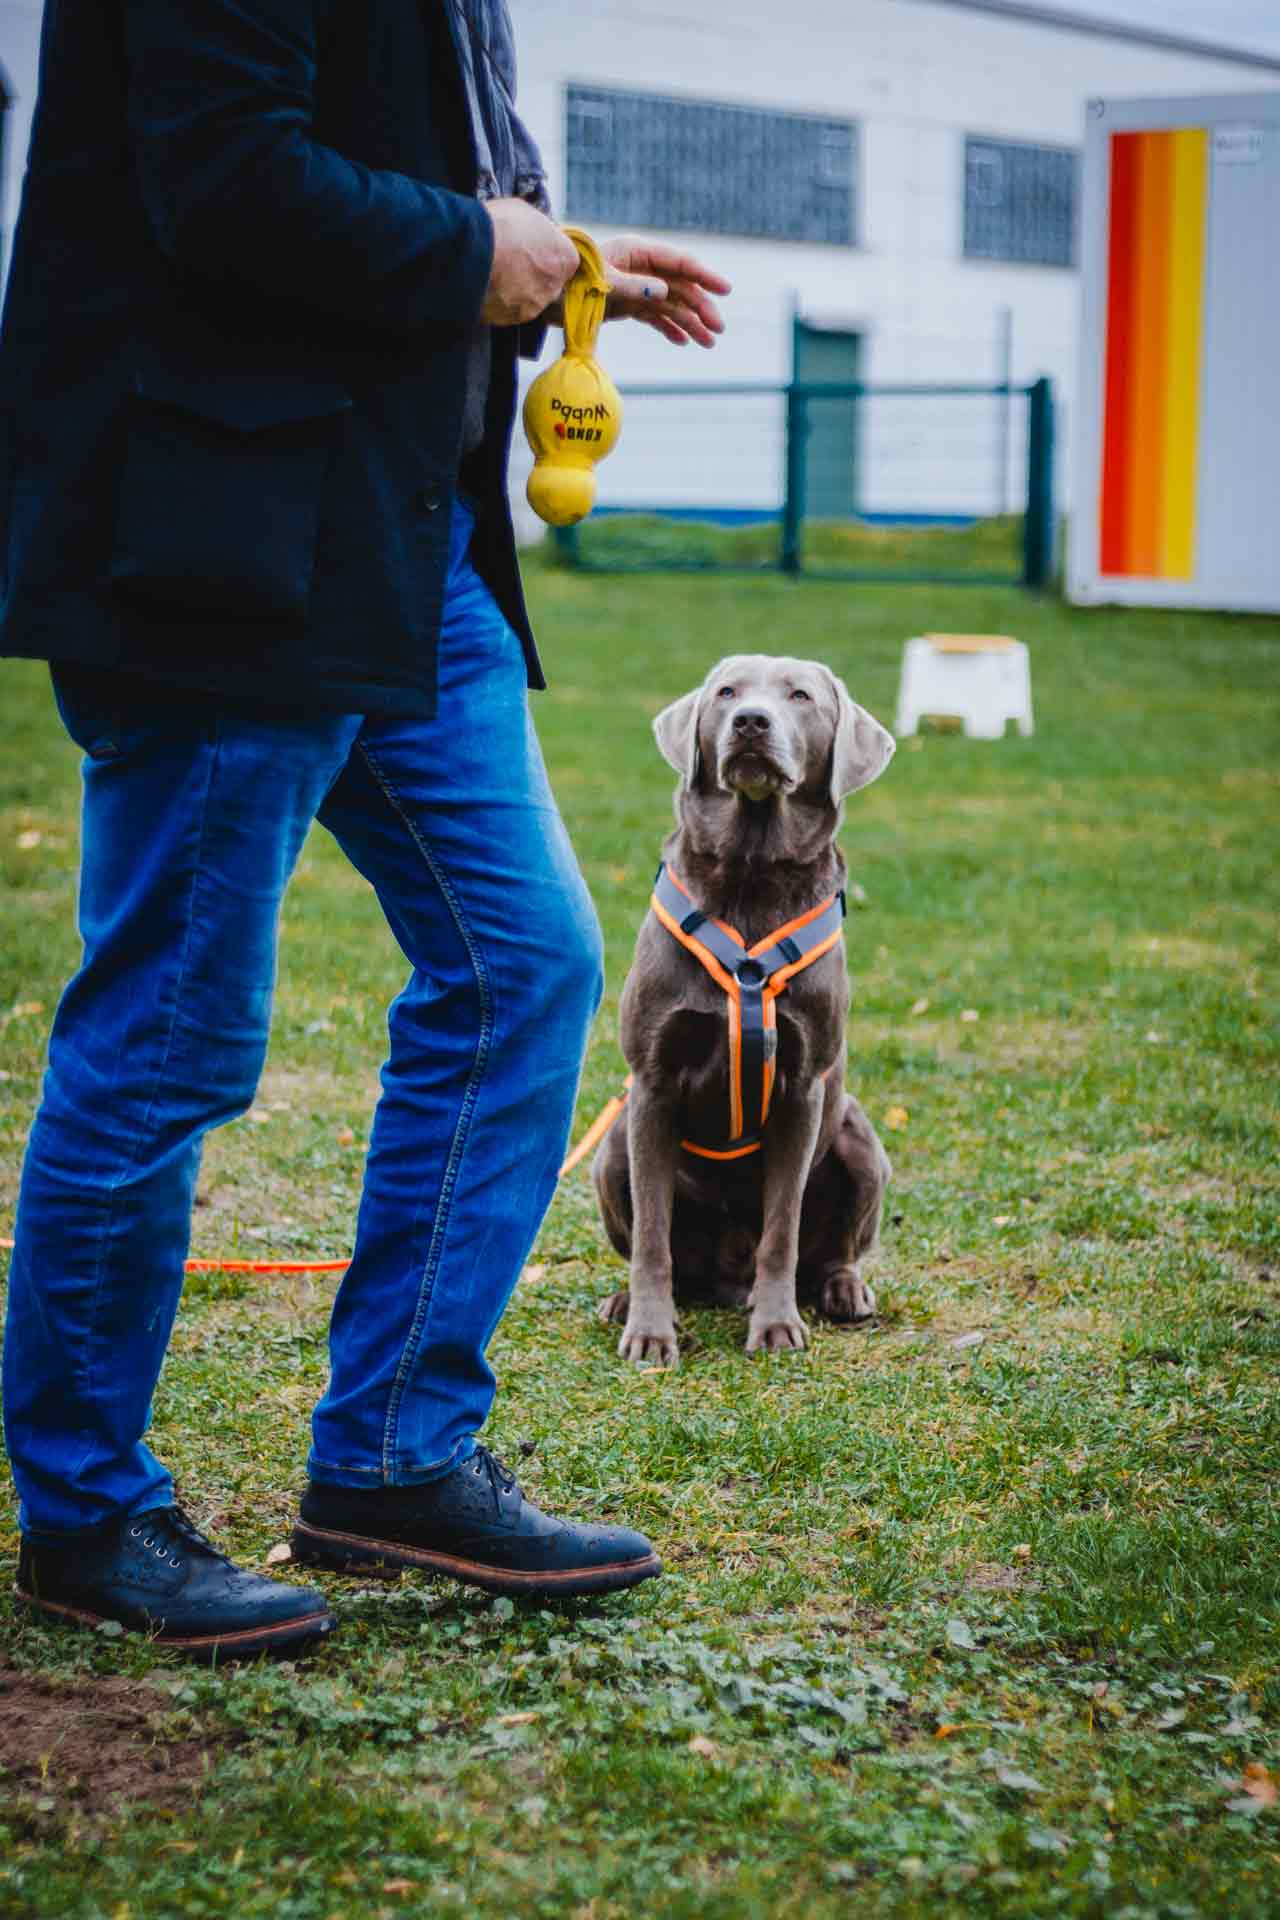 hundpunkt_hundeschule_muenster-ibbenbueren-labrador-dummytraining